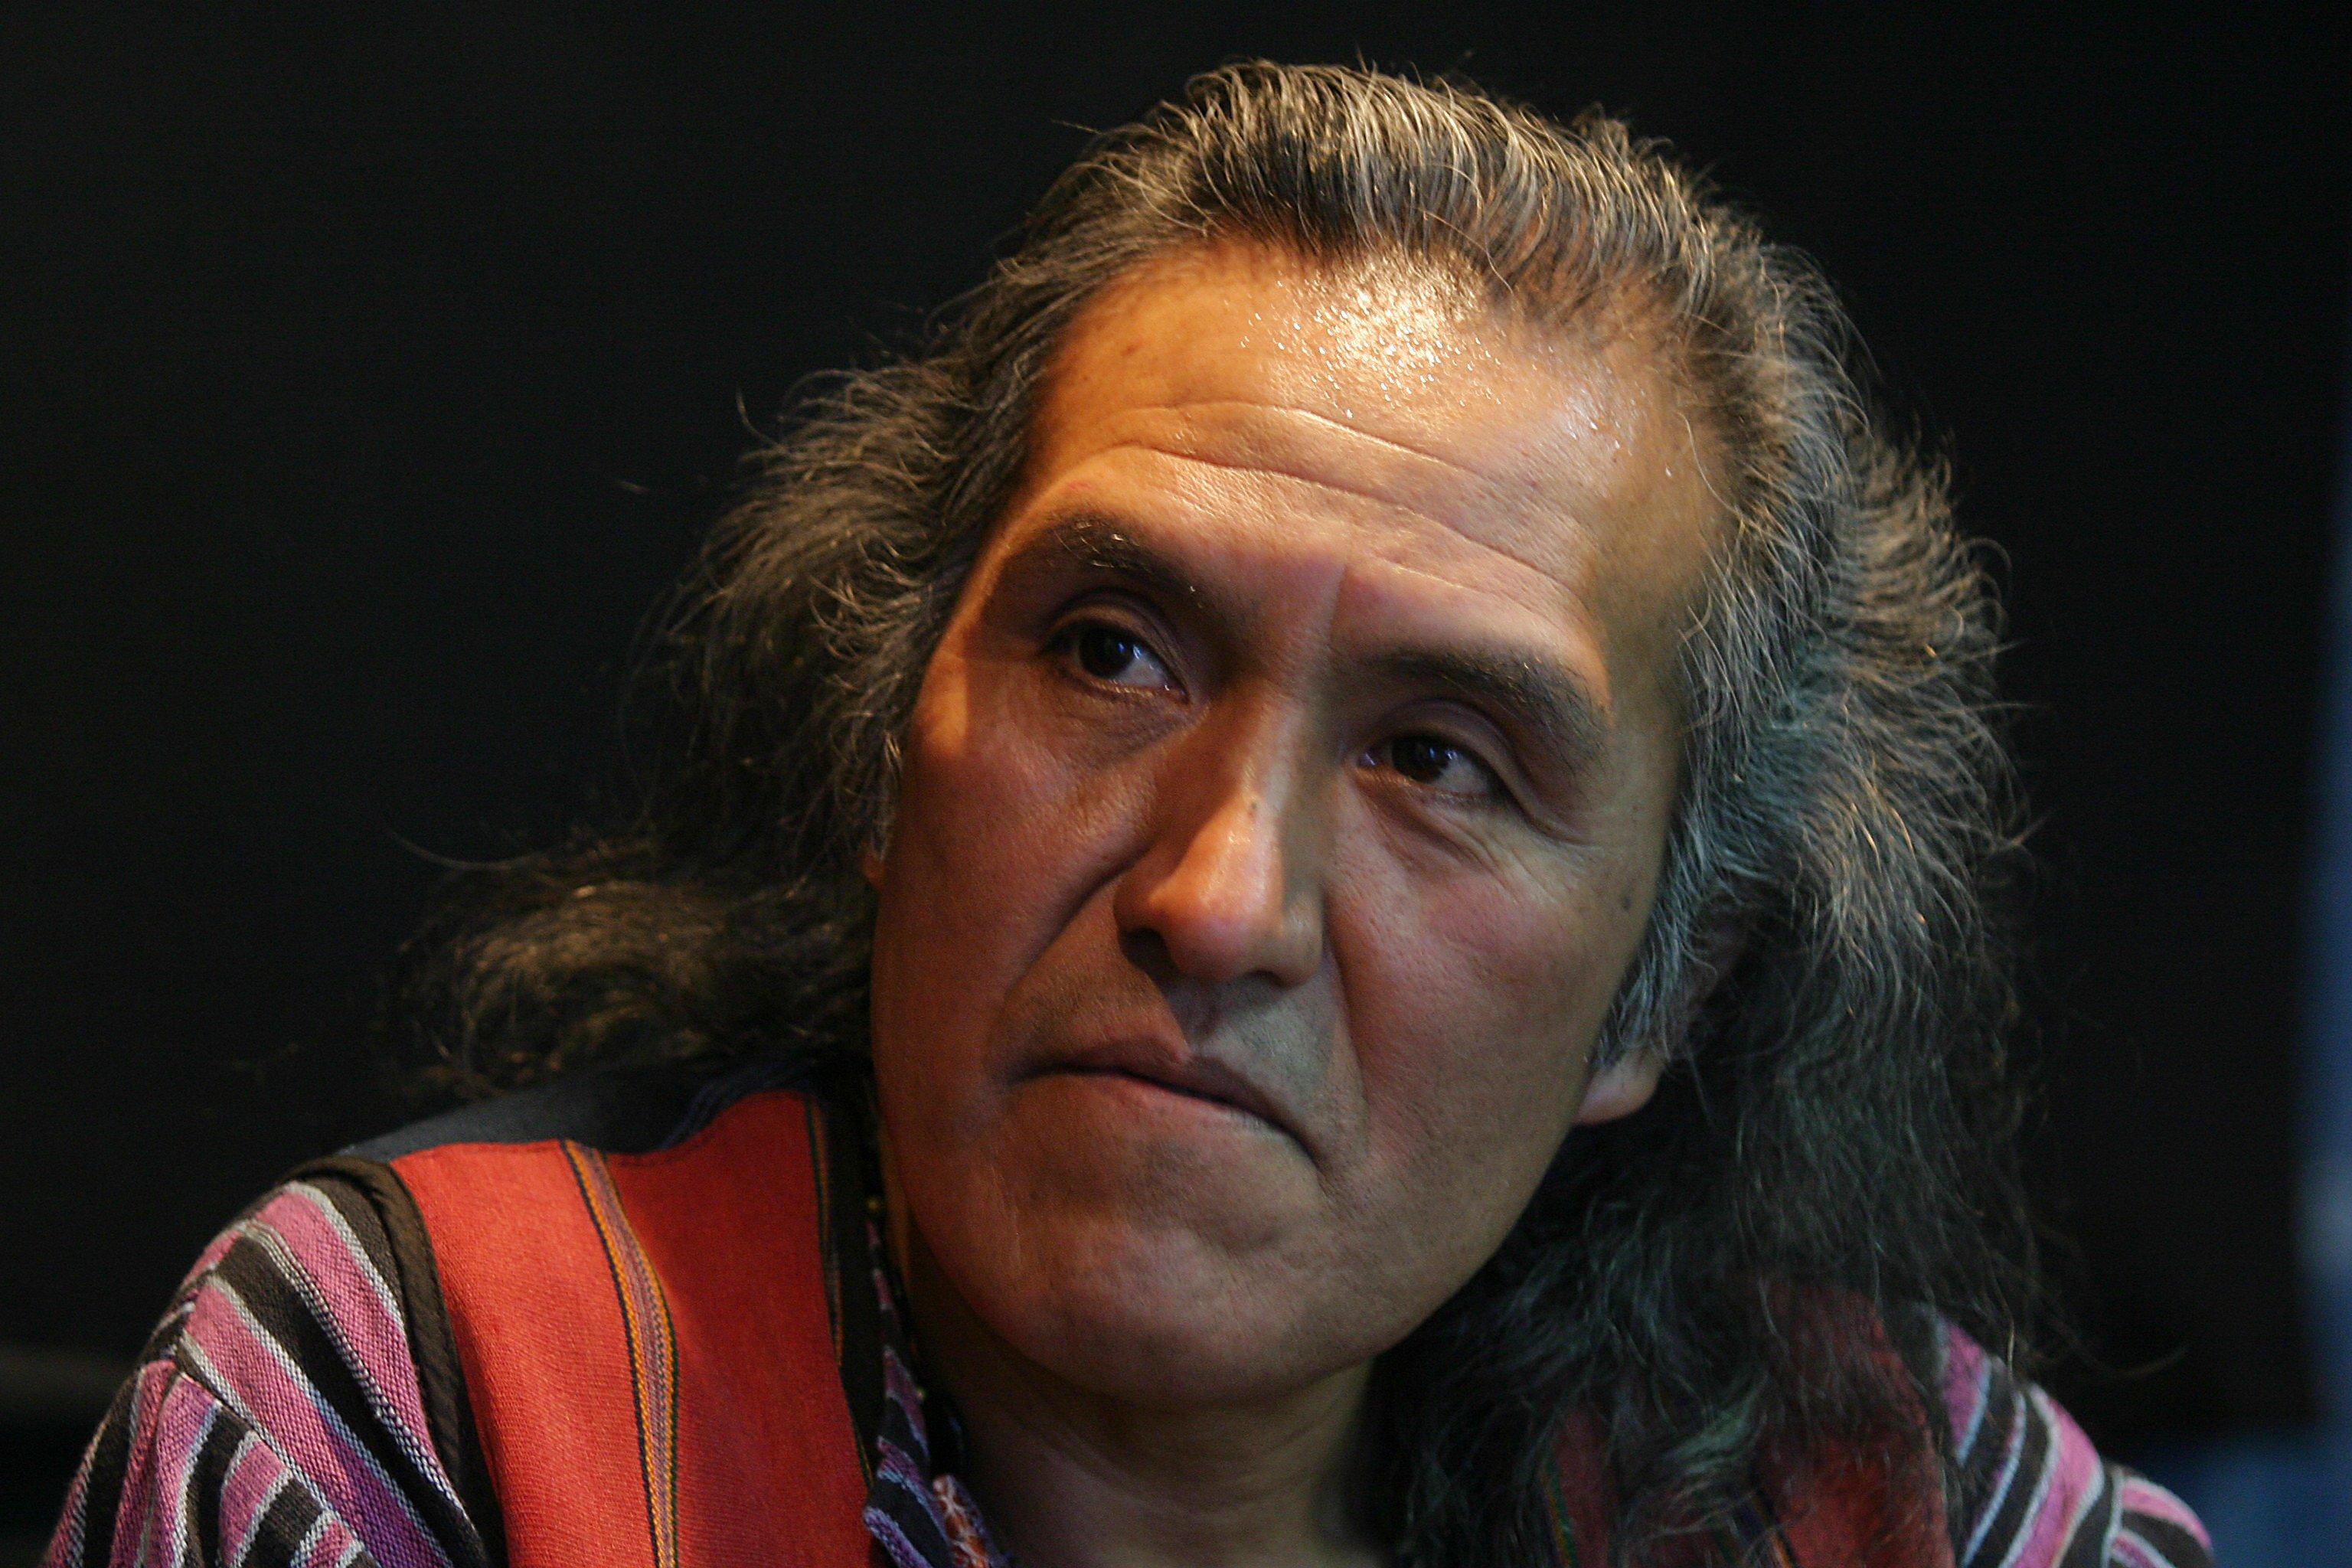 El escritor guatemalteco, Humberto Ak'abal, falleció el lunes 28 de enero a los 67 años en el hospital San Juan de Dios. (Foto Prensa Libre: HemerotecaPL)